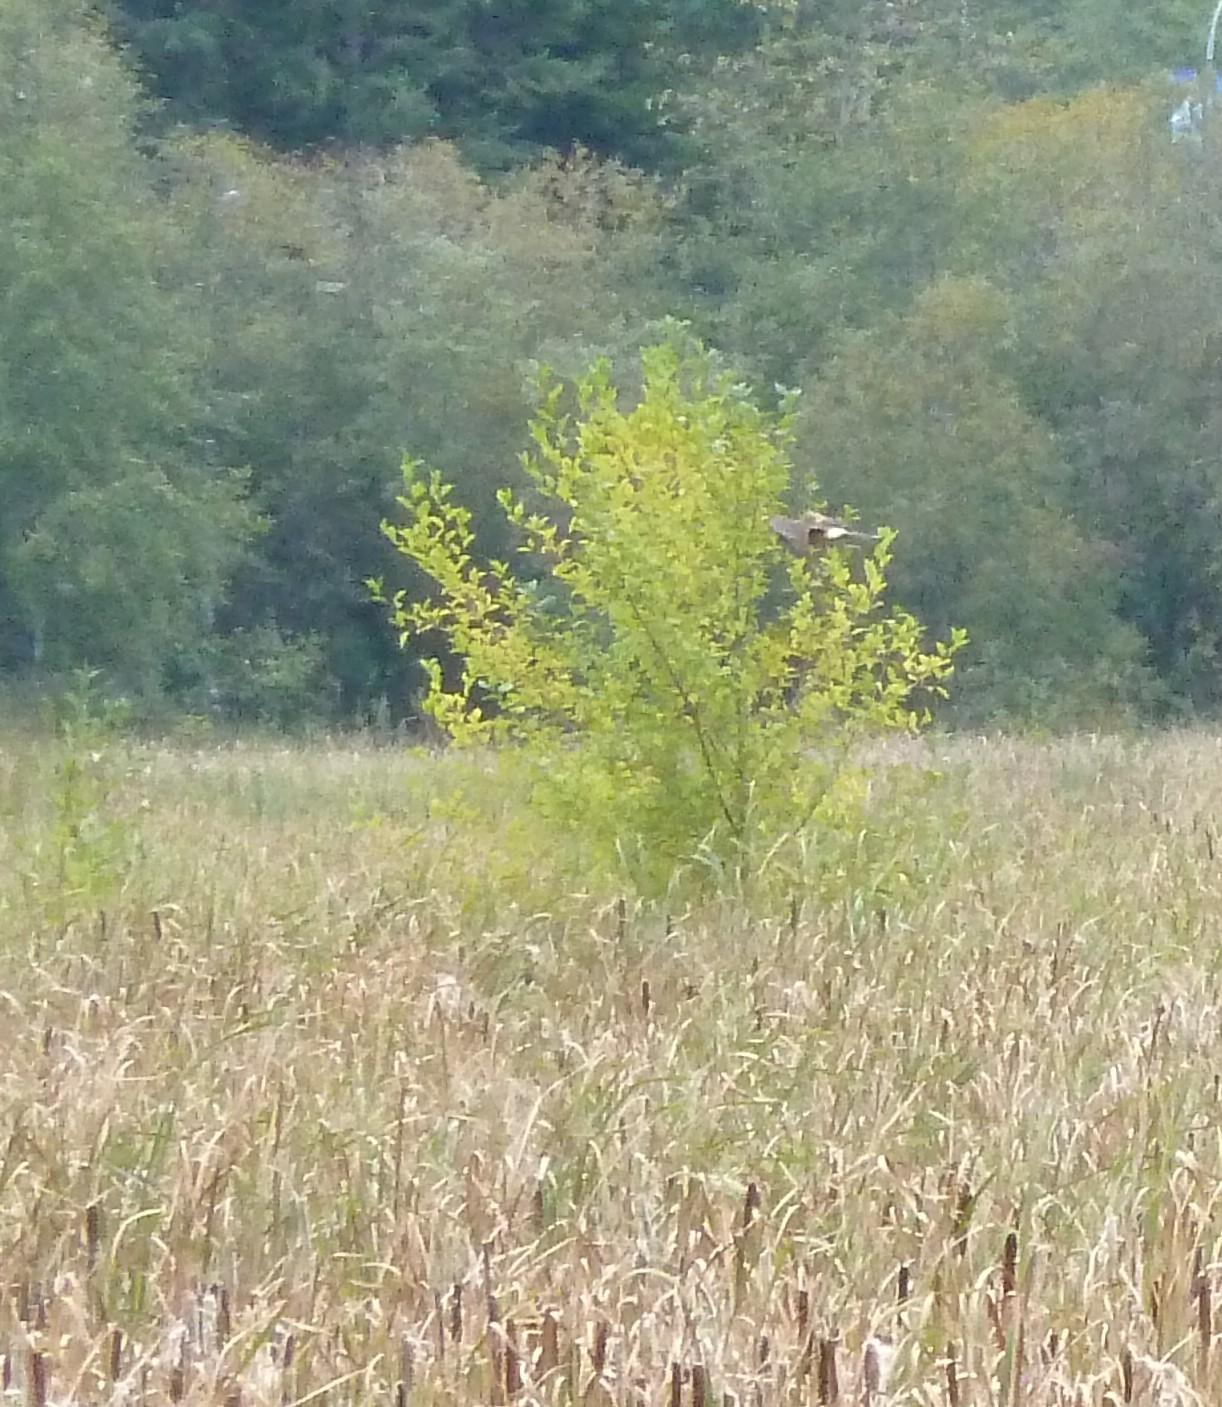 Image of Hen Harrier